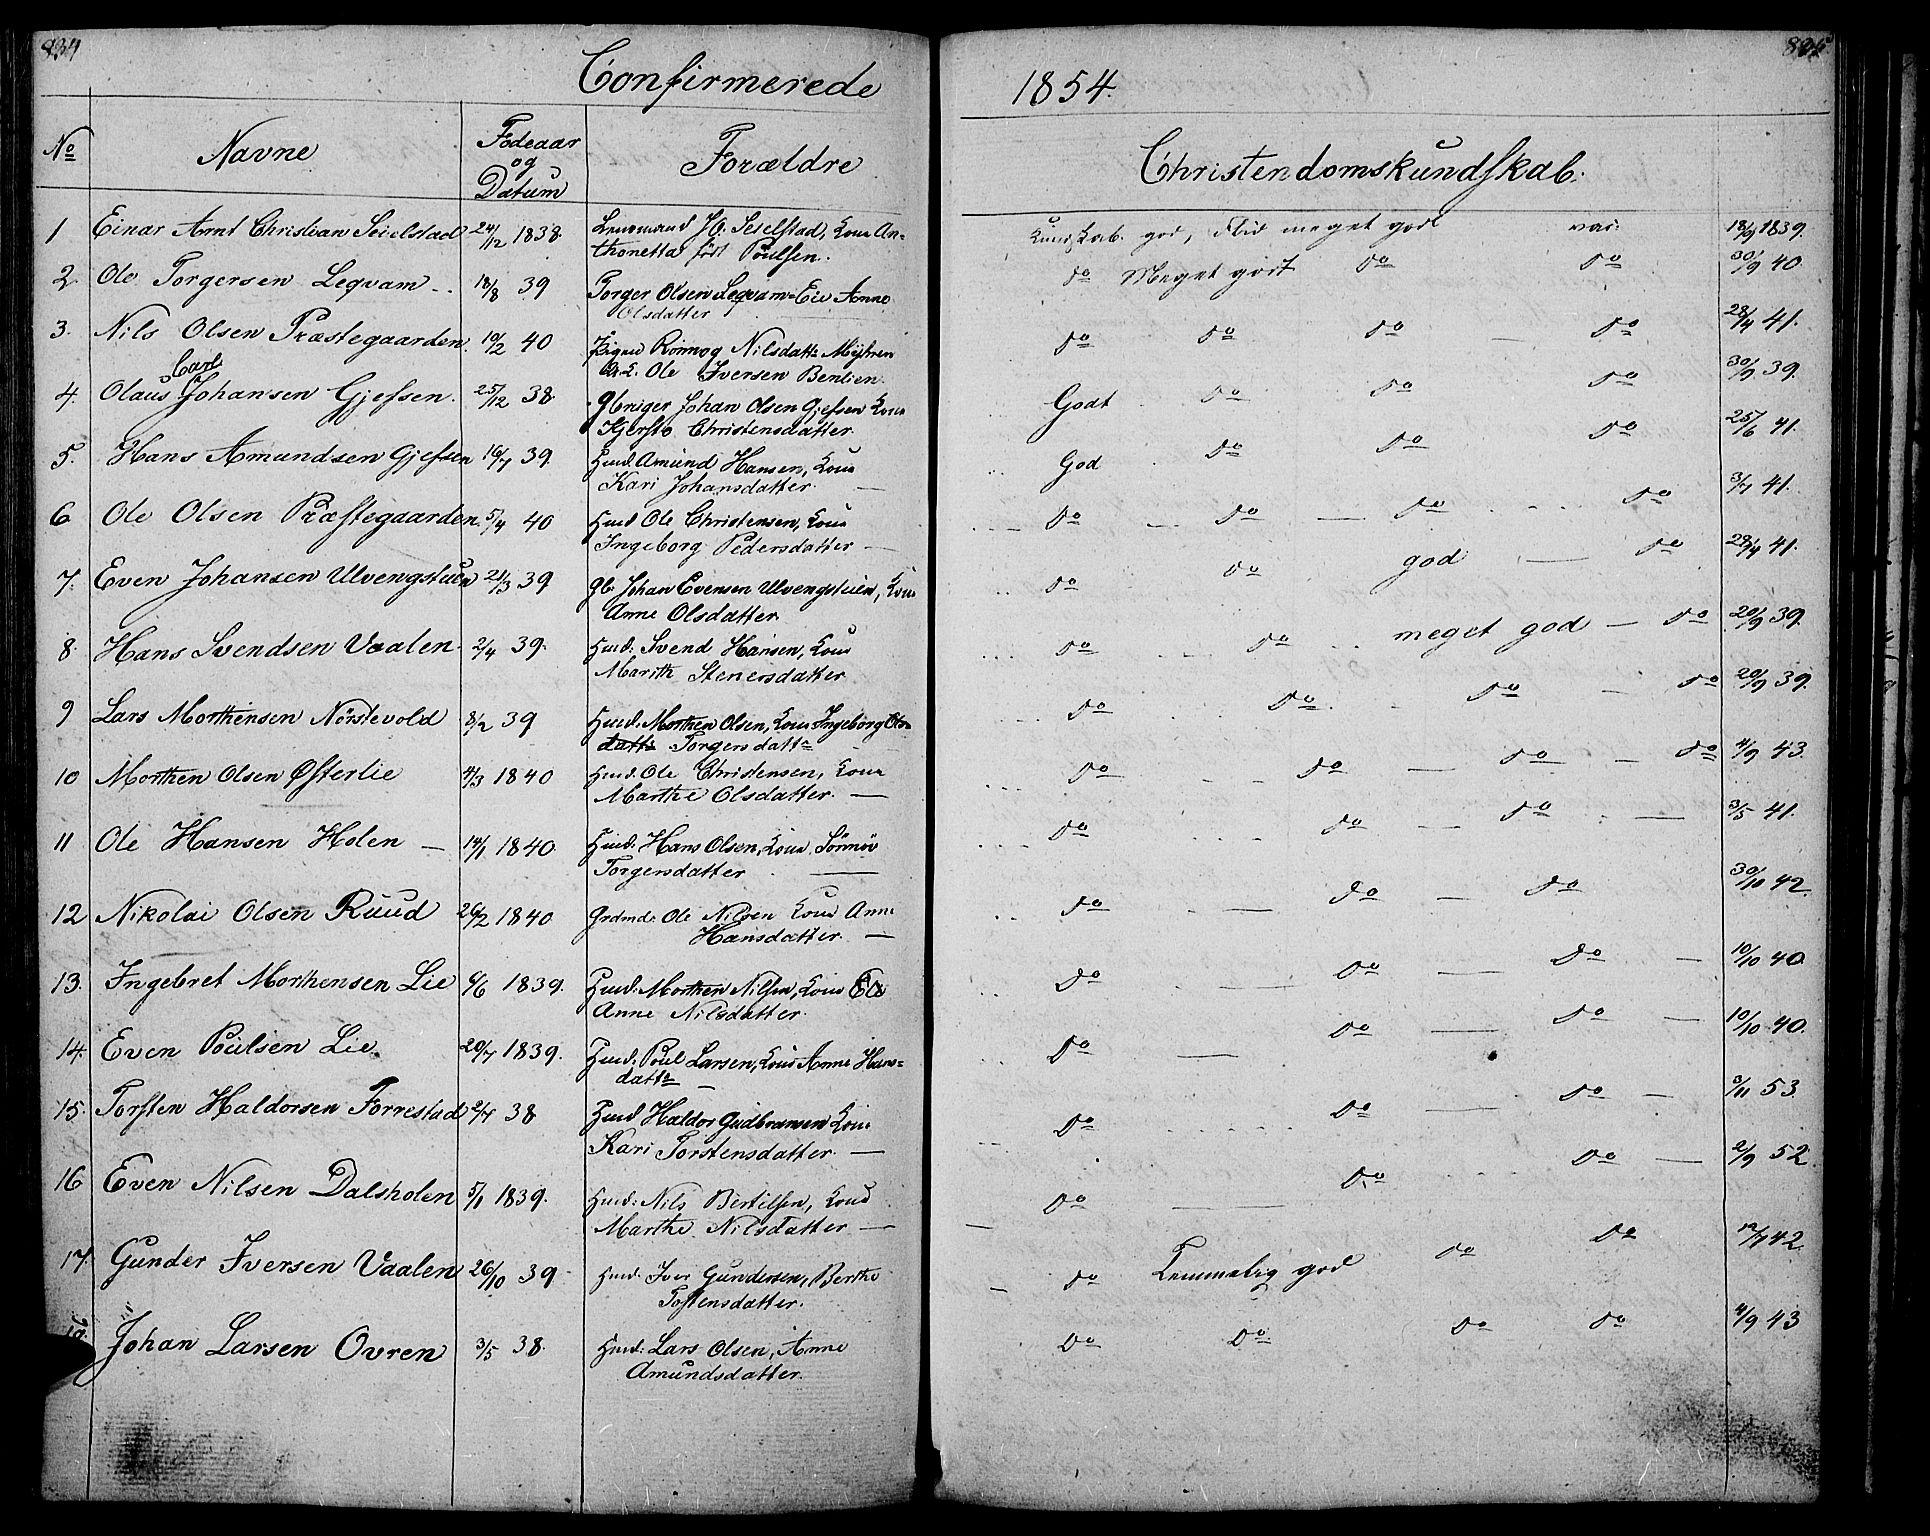 SAH, Gausdal prestekontor, Klokkerbok nr. 4, 1835-1870, s. 834-835